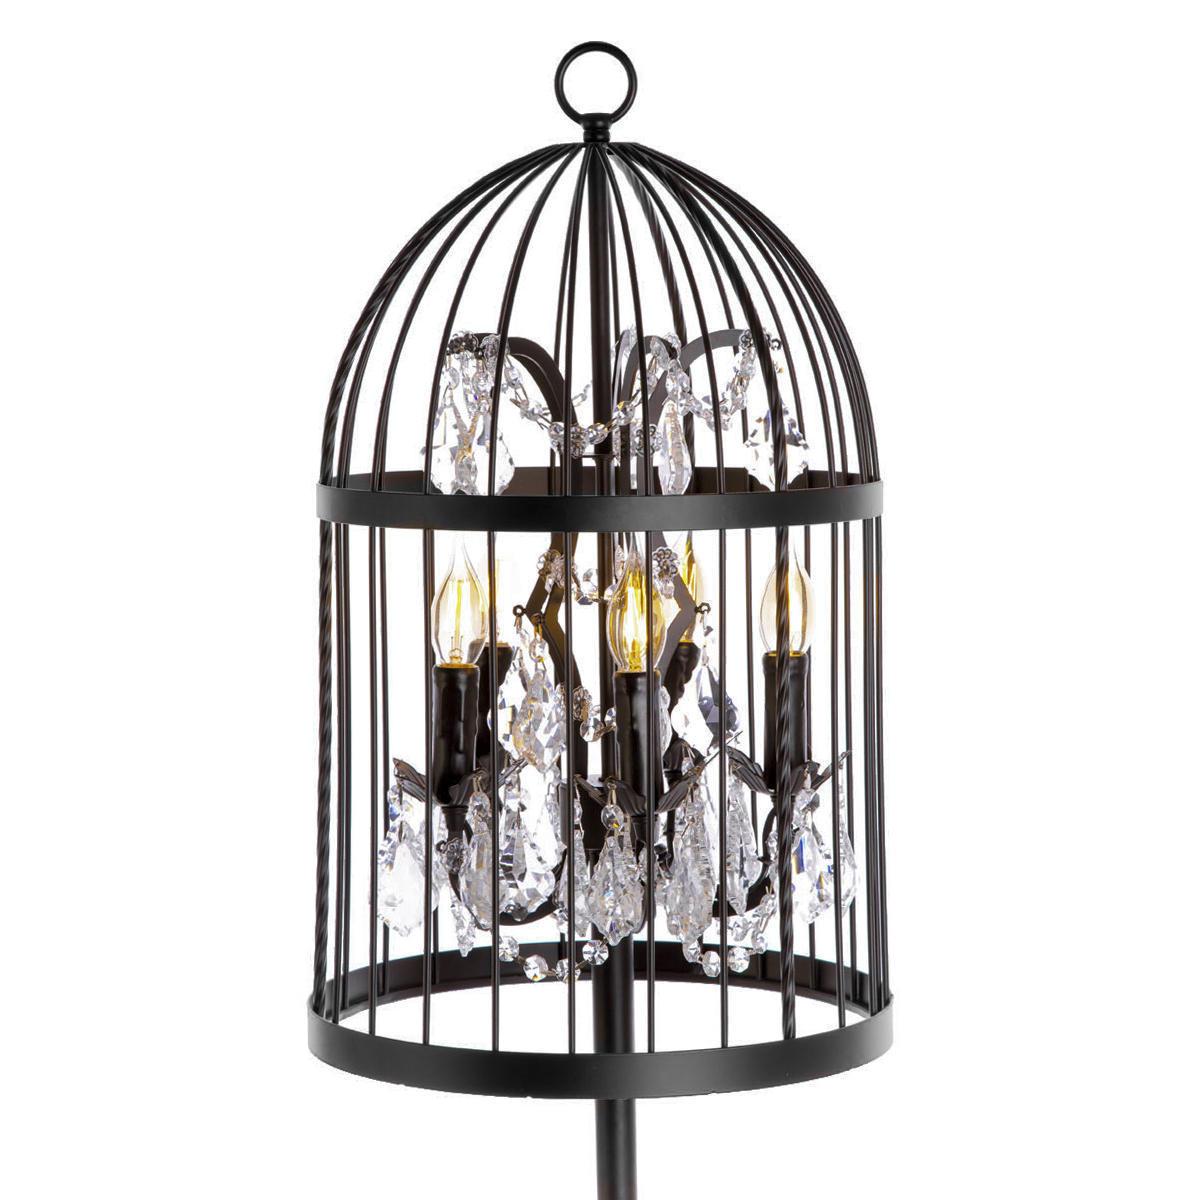 Торшер Loft It Vintage Birdcage LOFT1891F, 5xE14x40W, черный, прозрачный, металл, хрусталь - фото 2